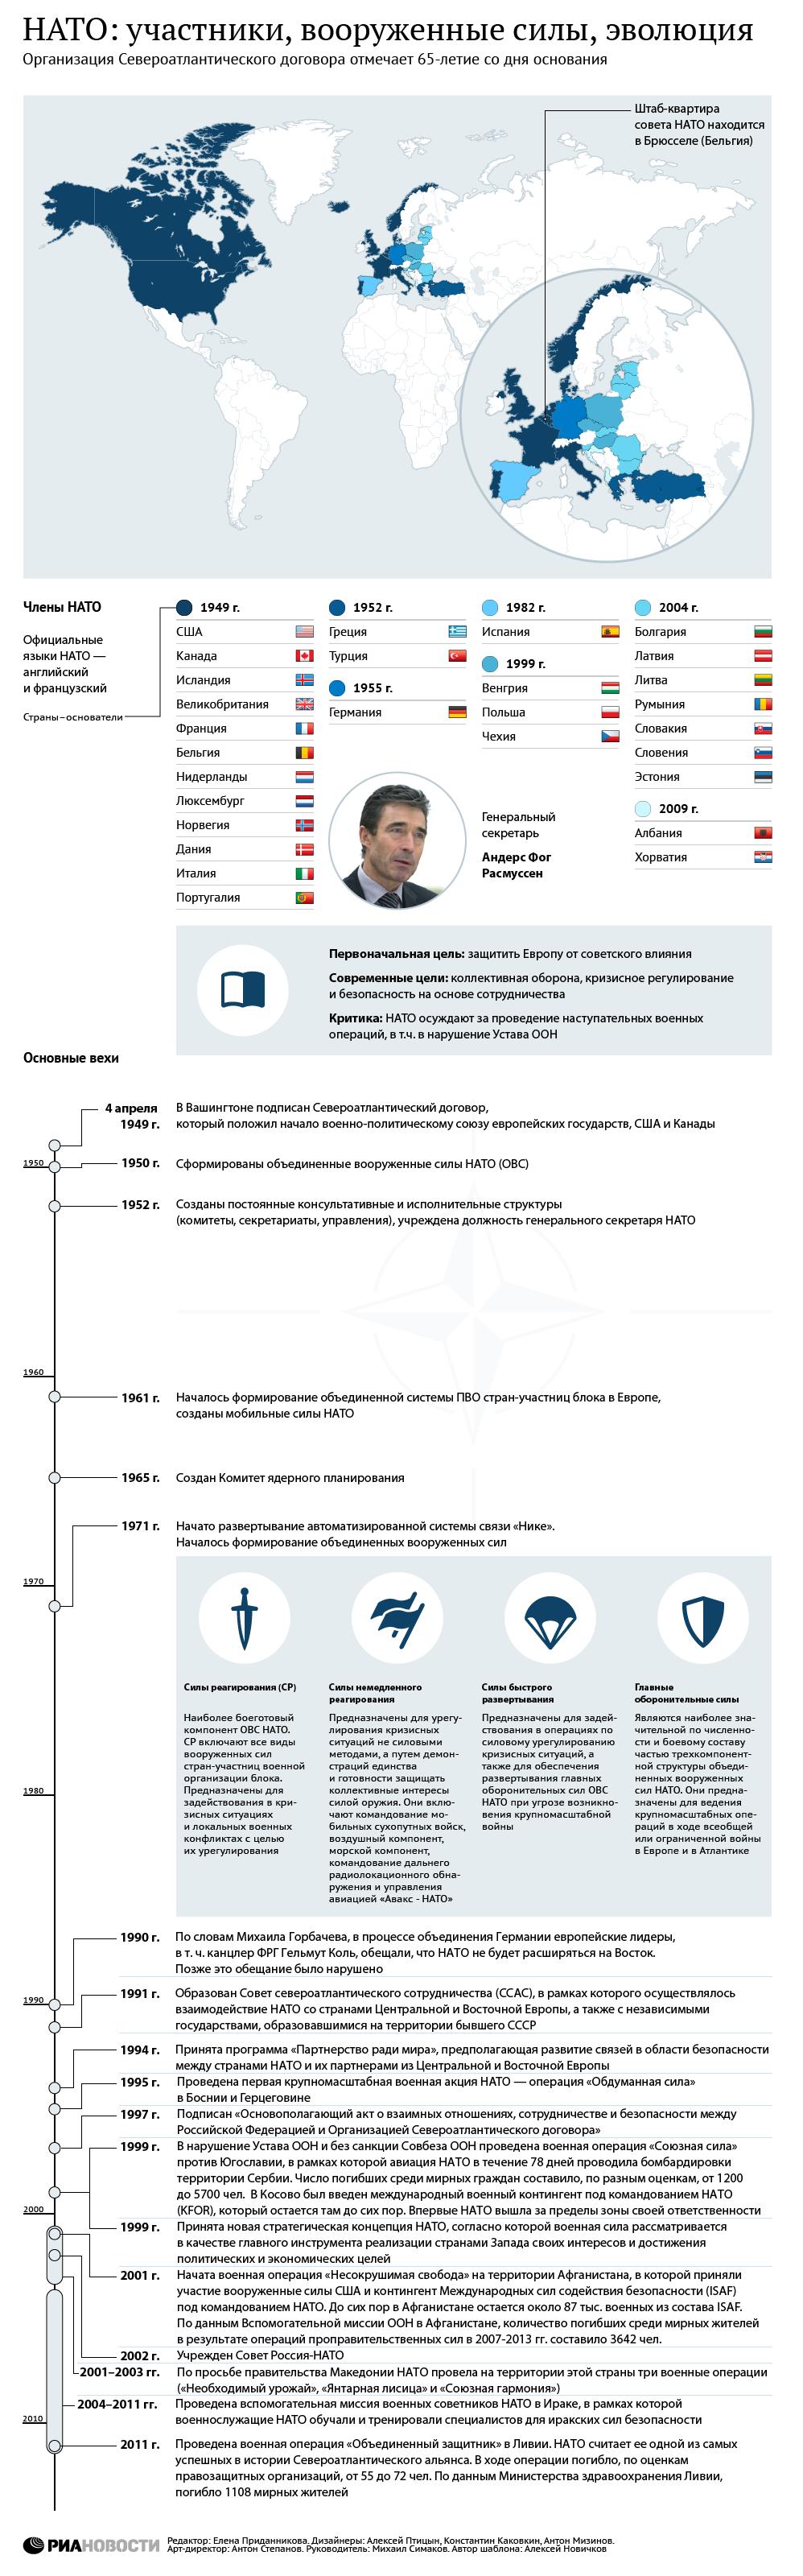 НАТО: участники, вооруженные силы, эволюция